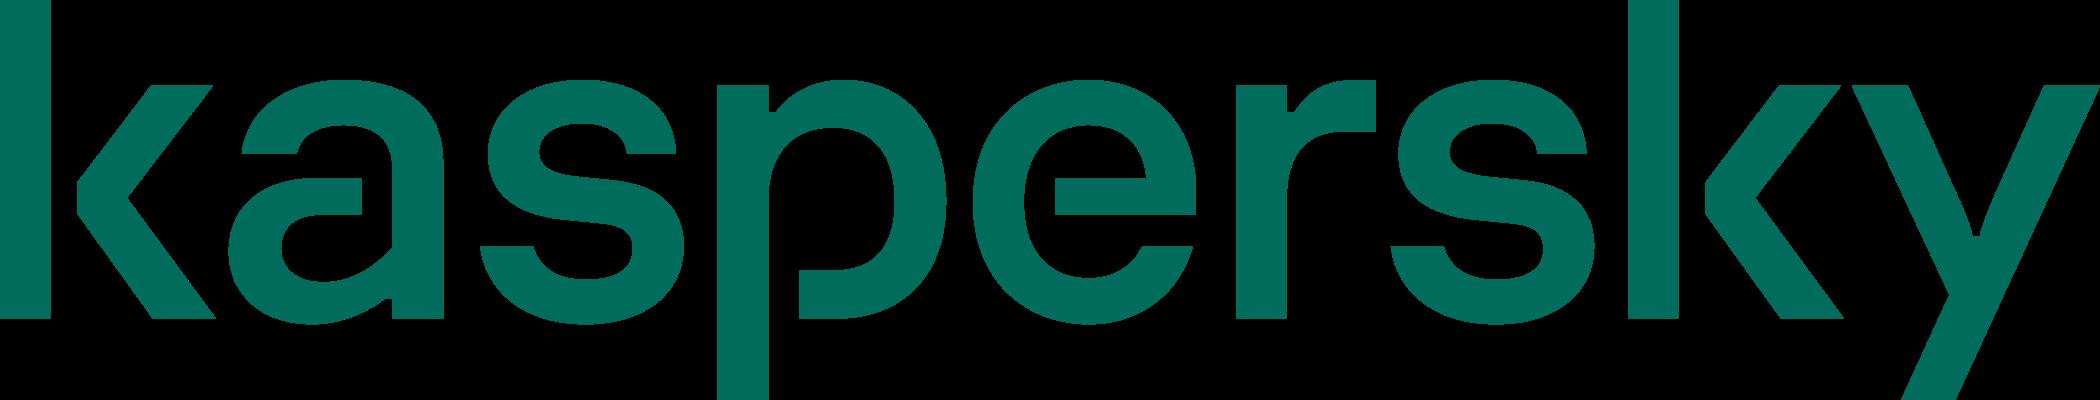 kaspersky logo 1 1 - Kaspersky Logo